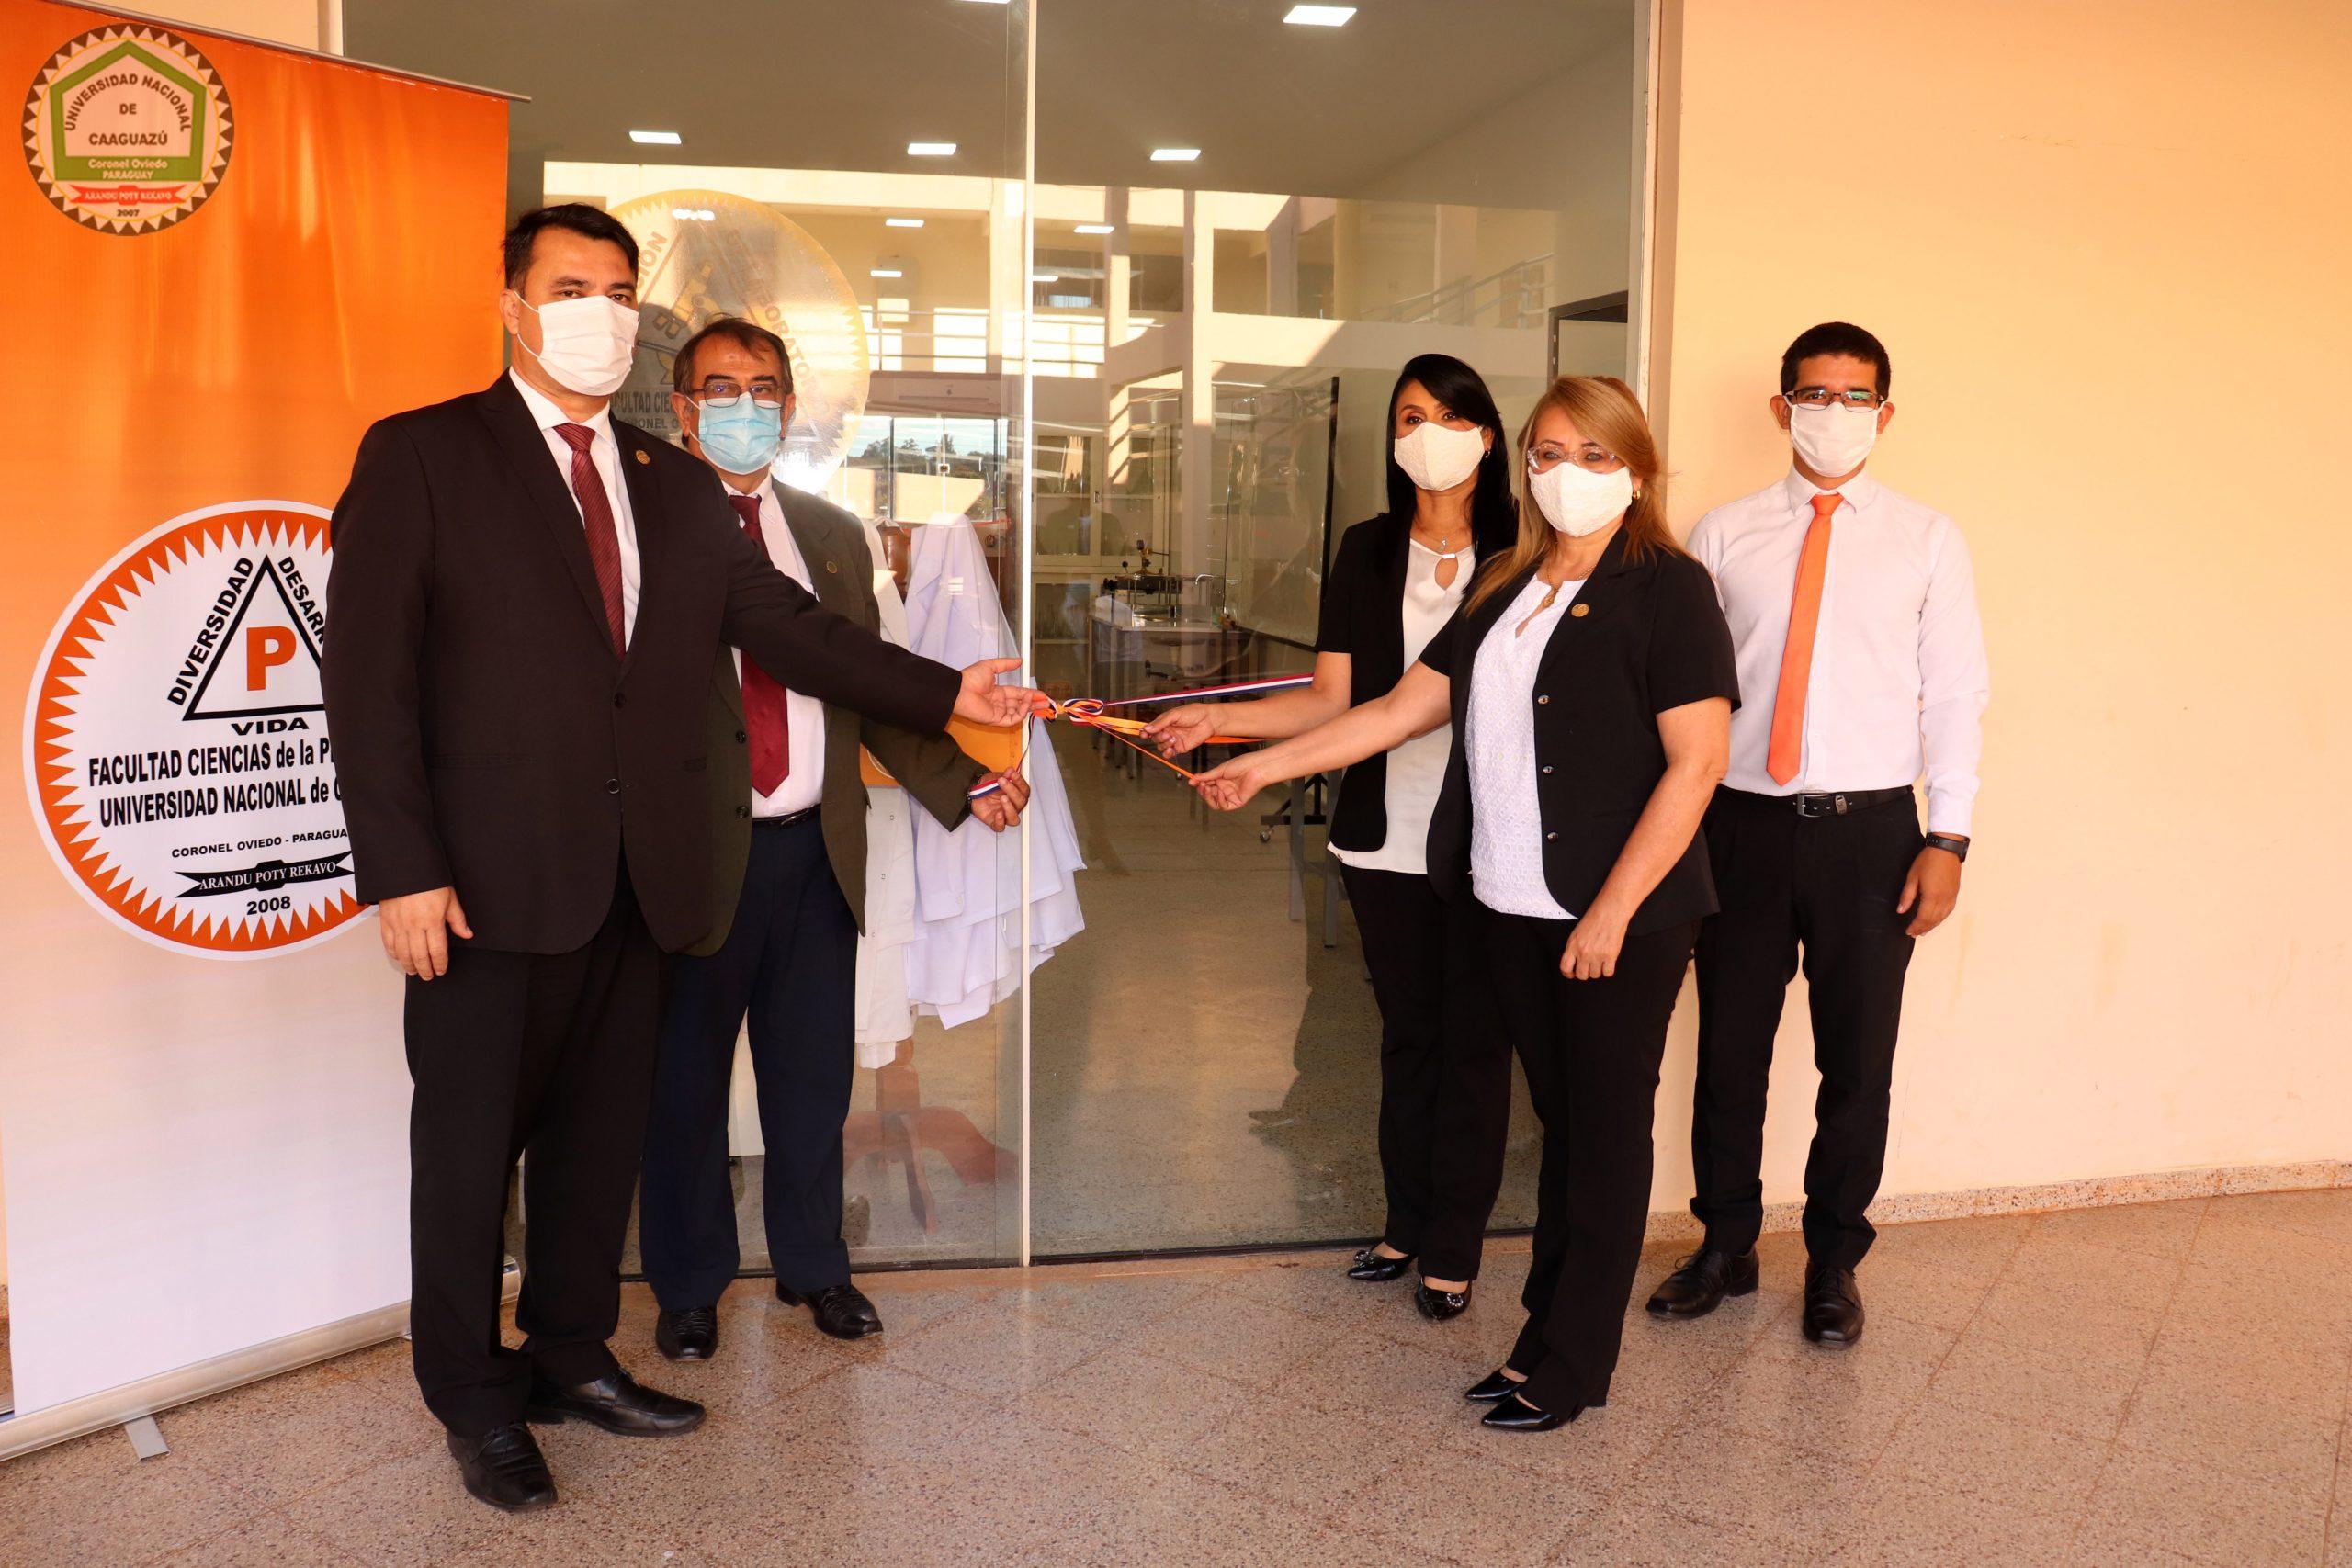 📌Inauguración del Laboratorio de Química Ambiental de la Facultad Ciencias de la Producción